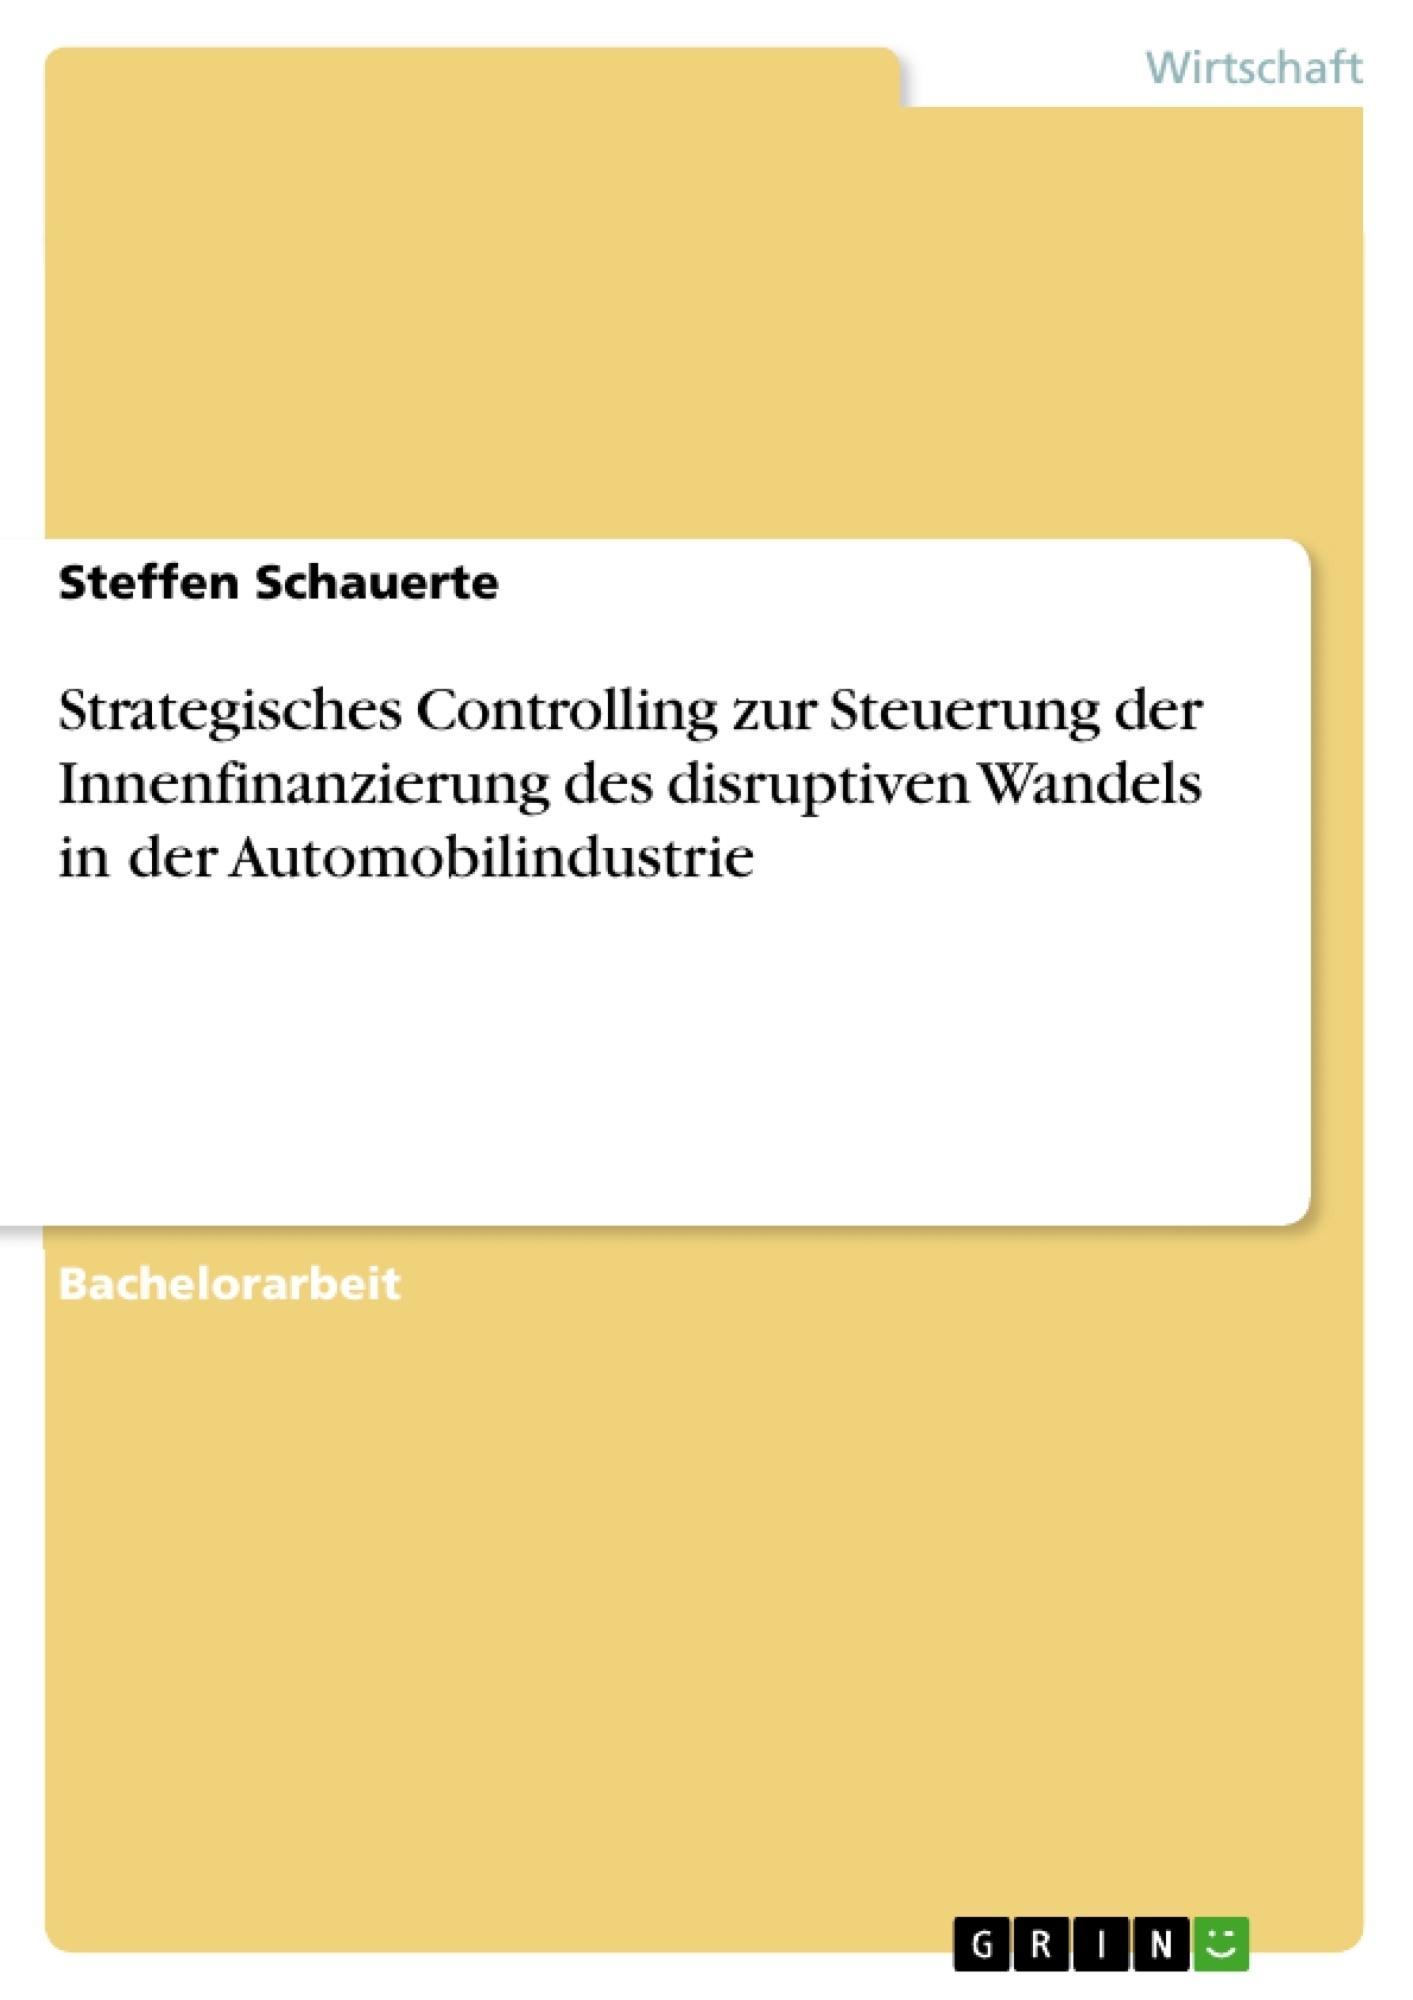 Titel: Strategisches Controlling zur Steuerung der Innenfinanzierung des disruptiven Wandels in der Automobilindustrie